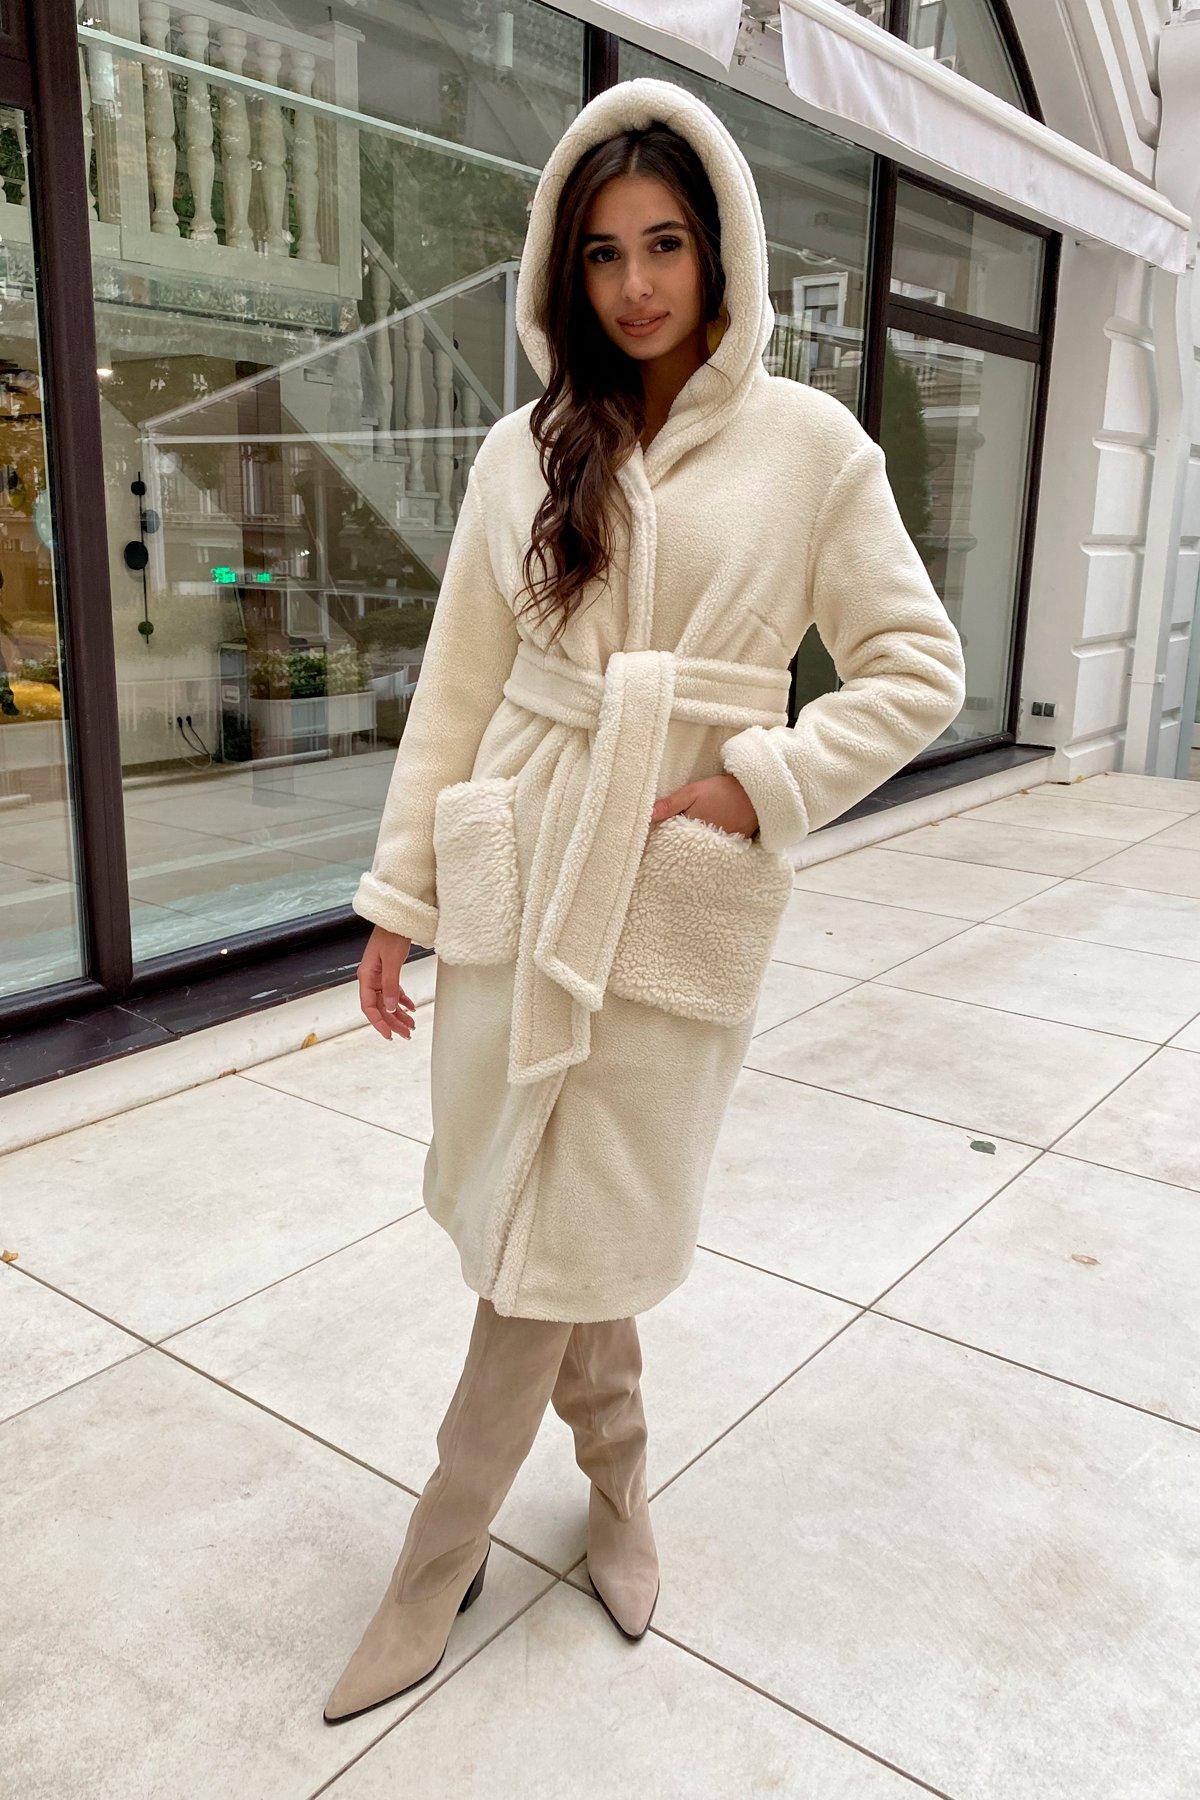 Пальто из искусственного меха Анита 8197 АРТ. 44955 Цвет: Молоко - фото 1, интернет магазин tm-modus.ru